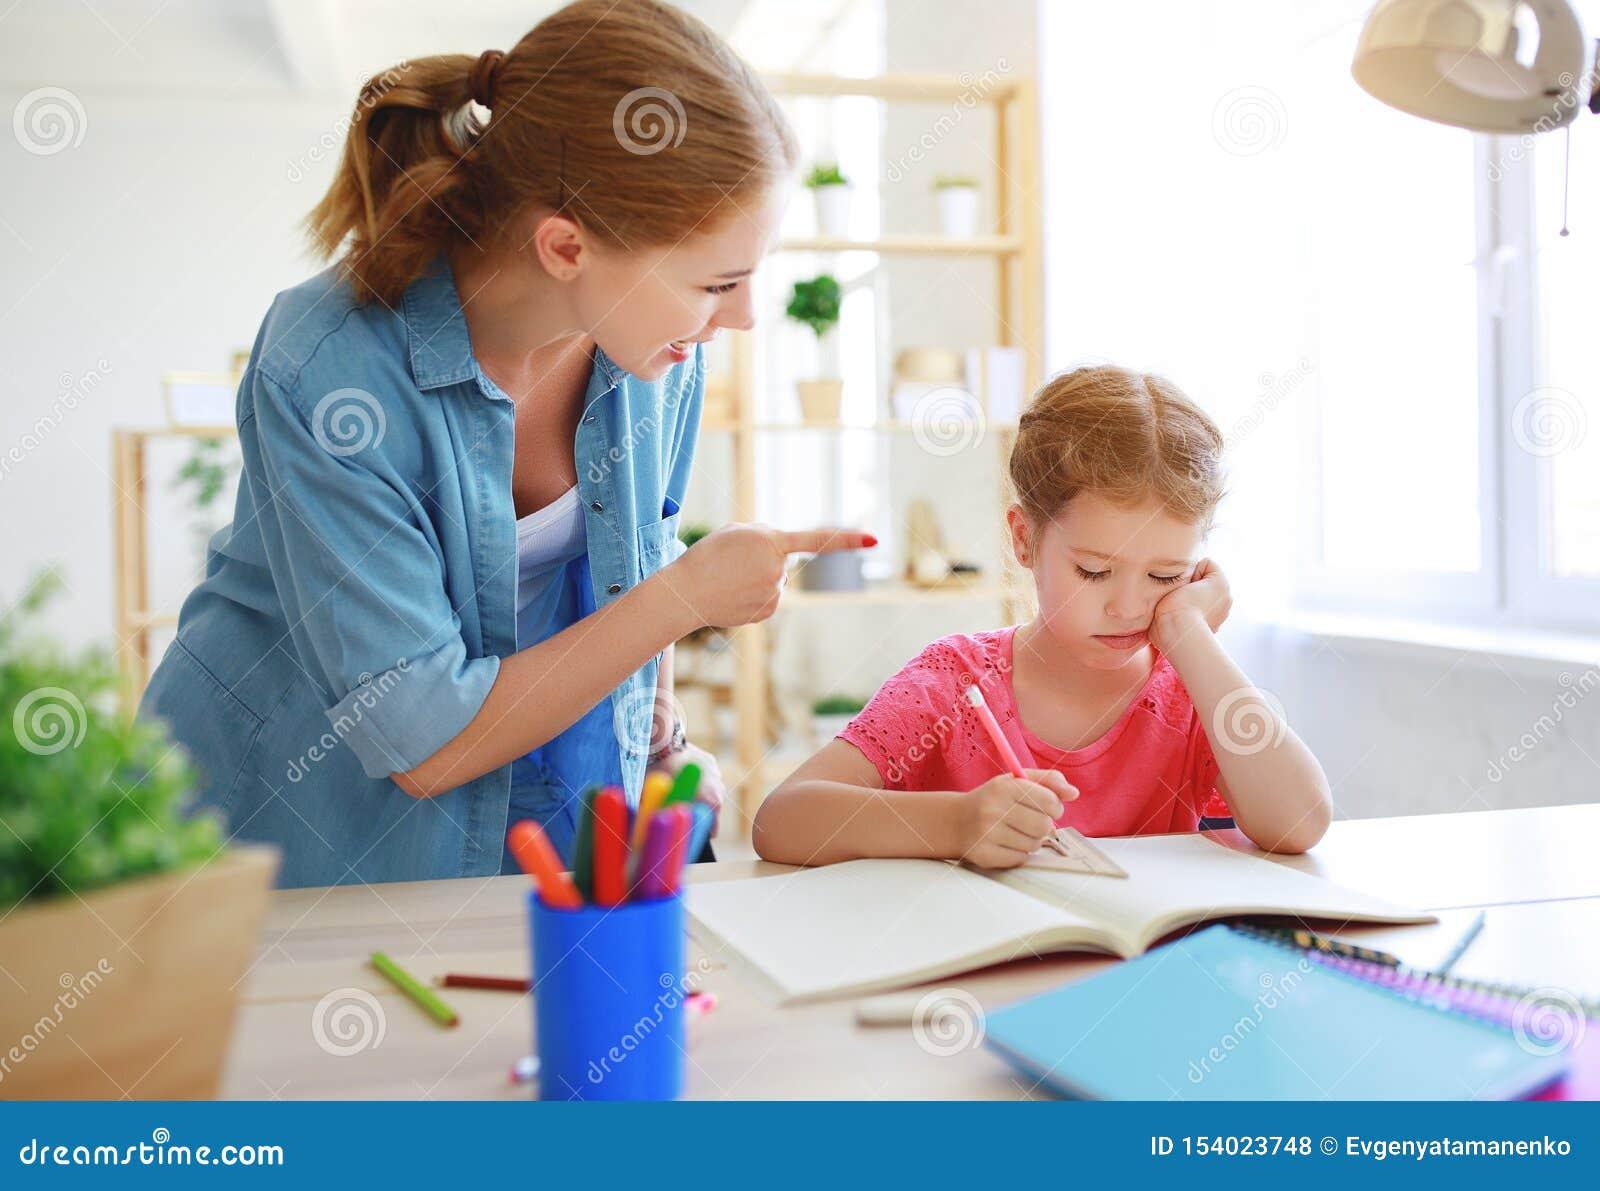 Η μητέρα επιπλήττει ένα παιδί για τη φτωχές εκπαίδευση και την εργασία